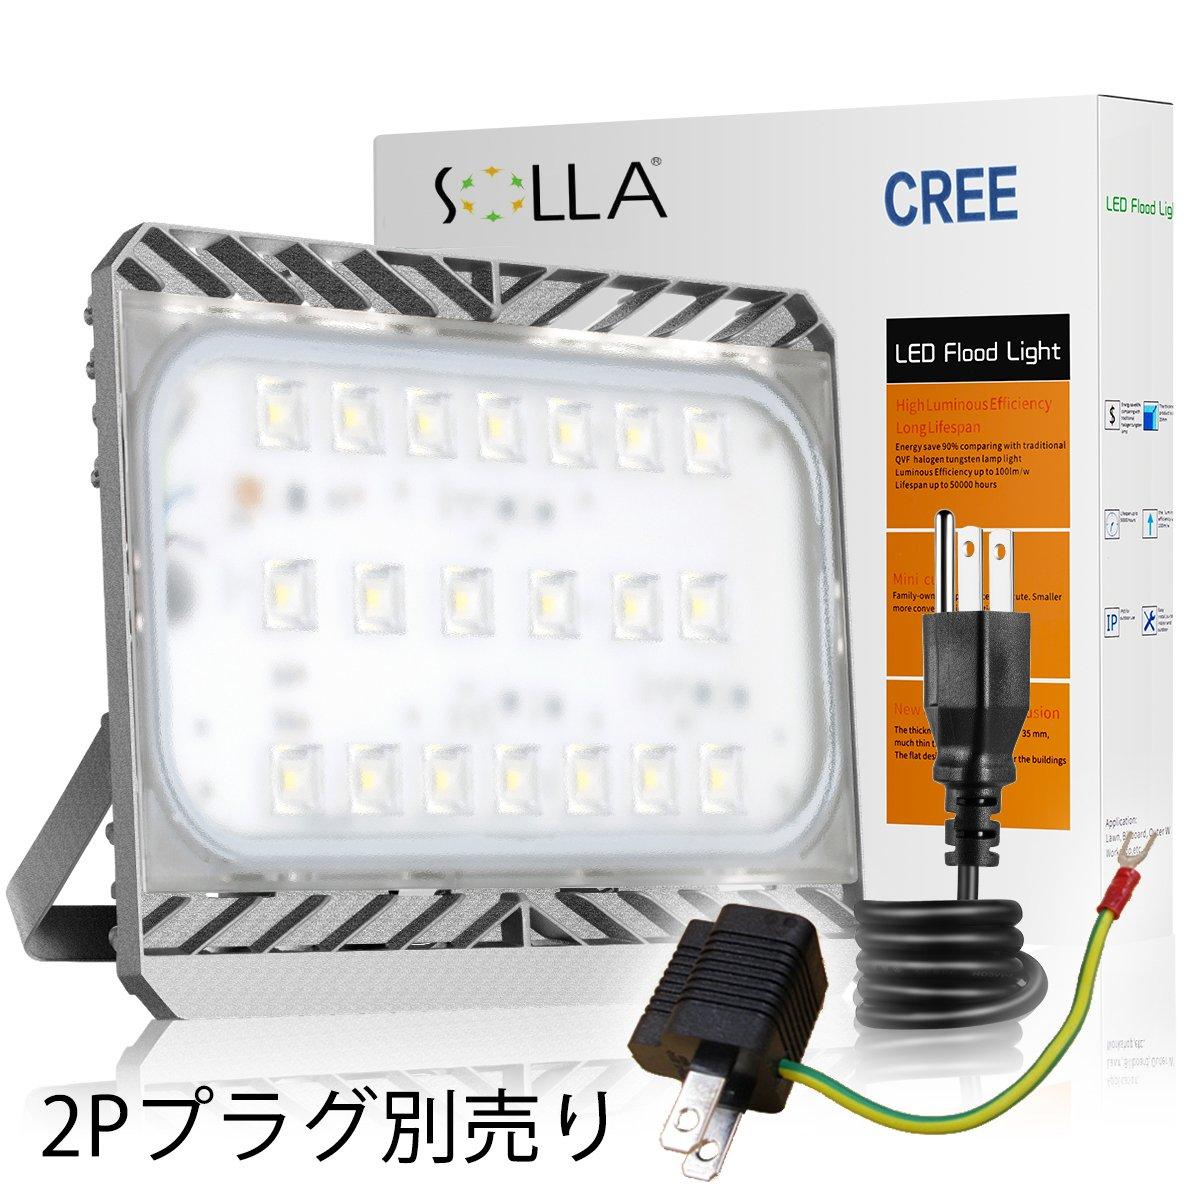 【三年保証】SOLLA Sliver 高品質LED投光器 100w 3000K 電球色 CREE製素子 日本レベル筐体 IP65防水防塵 長寿命広角フラッドライト 作業灯 B01N4B6R33 100w|電球色(3000K) 電球色(3000K) 100w